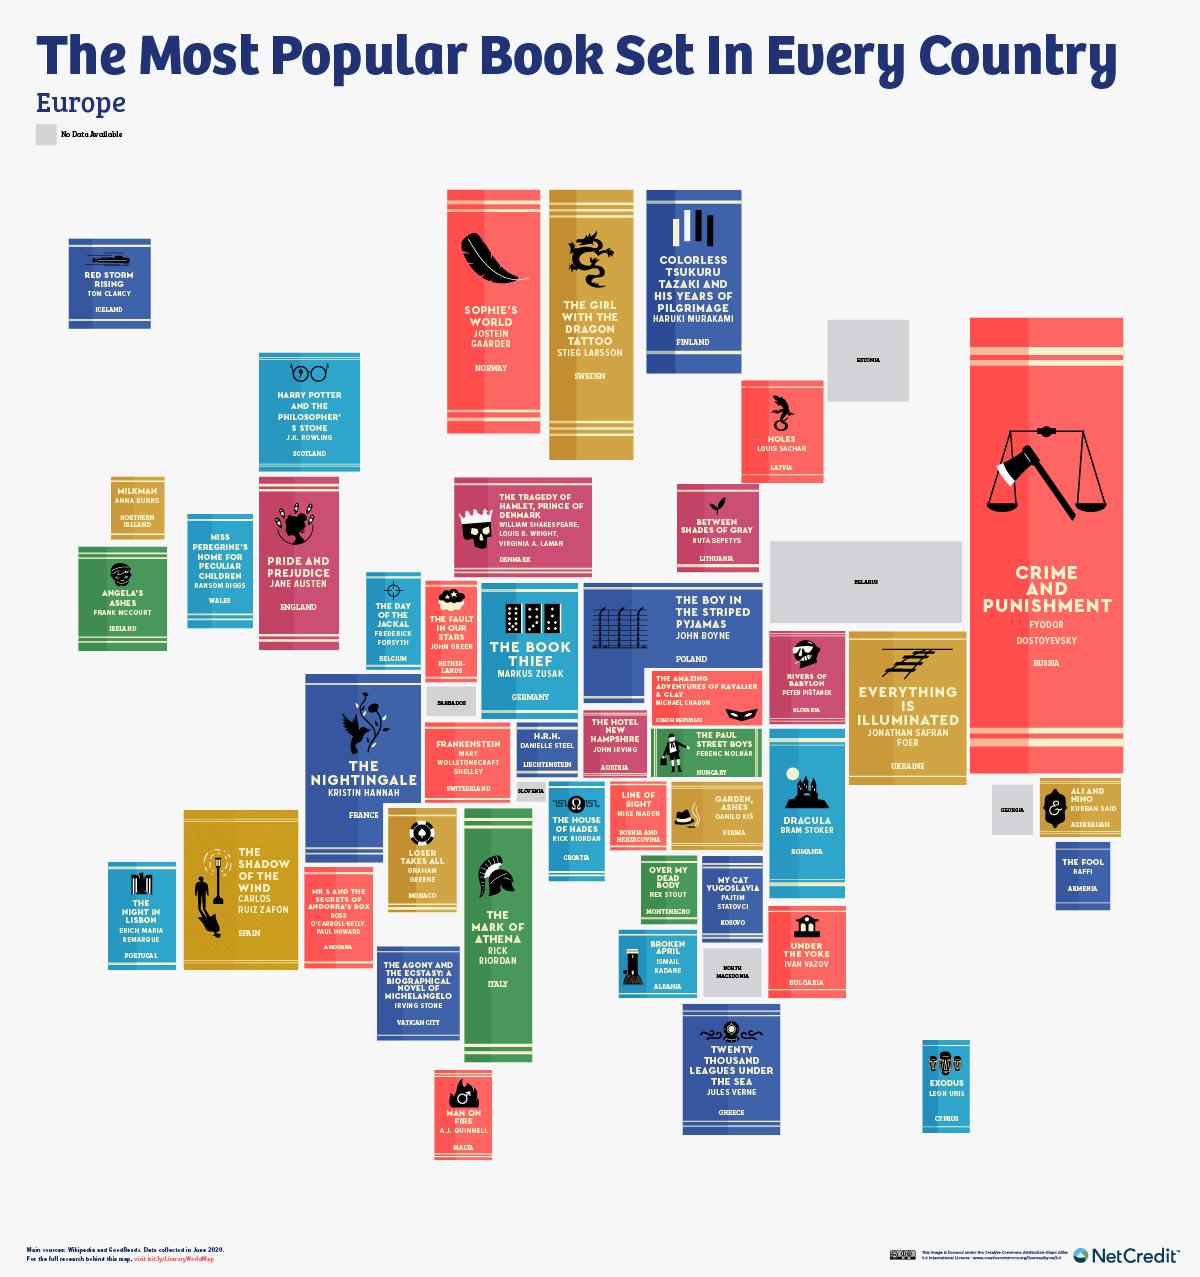 libros ambientados en europa